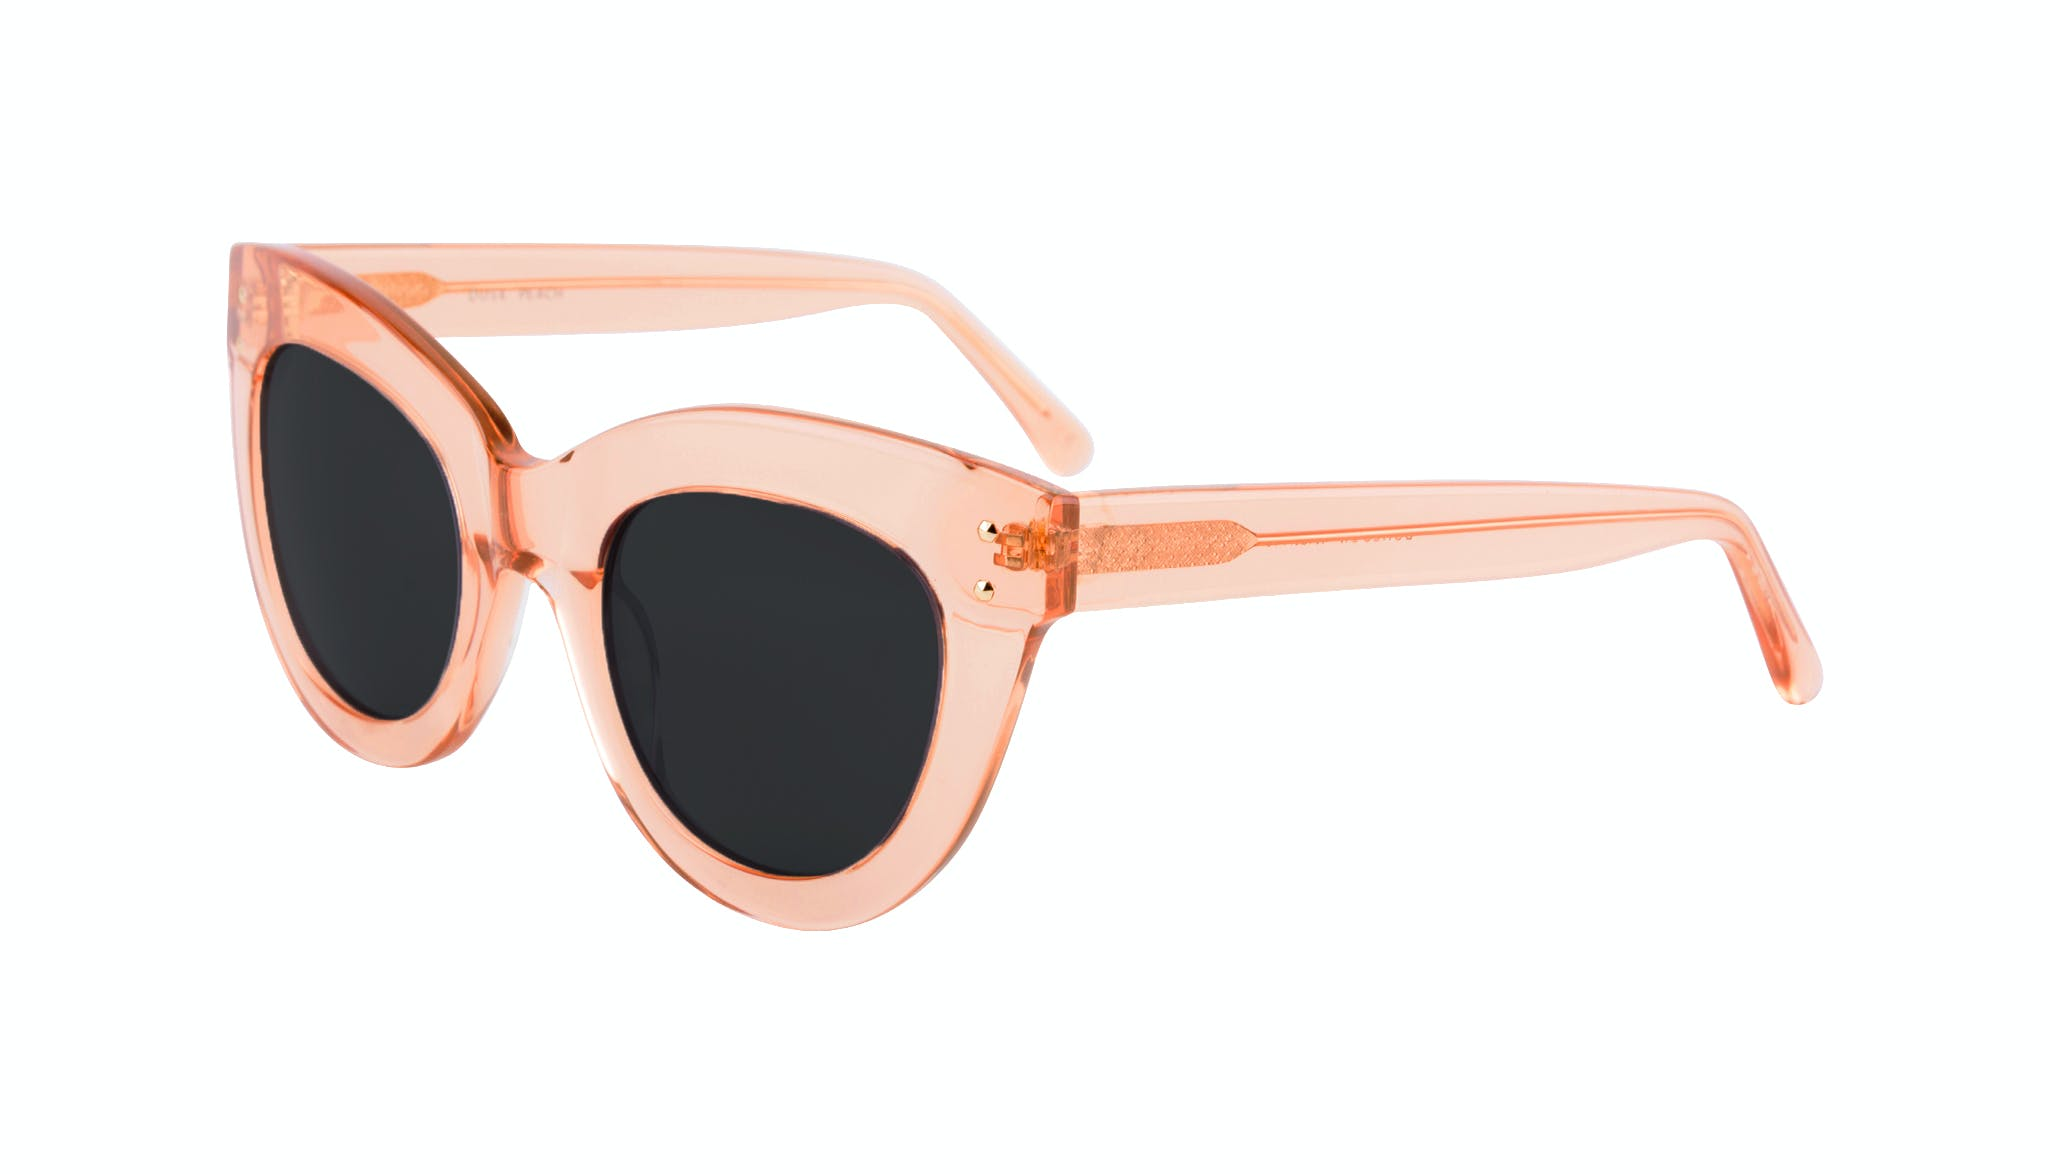 Affordable Fashion Glasses Cat Eye Sunglasses Women Dusk Peach Tilt